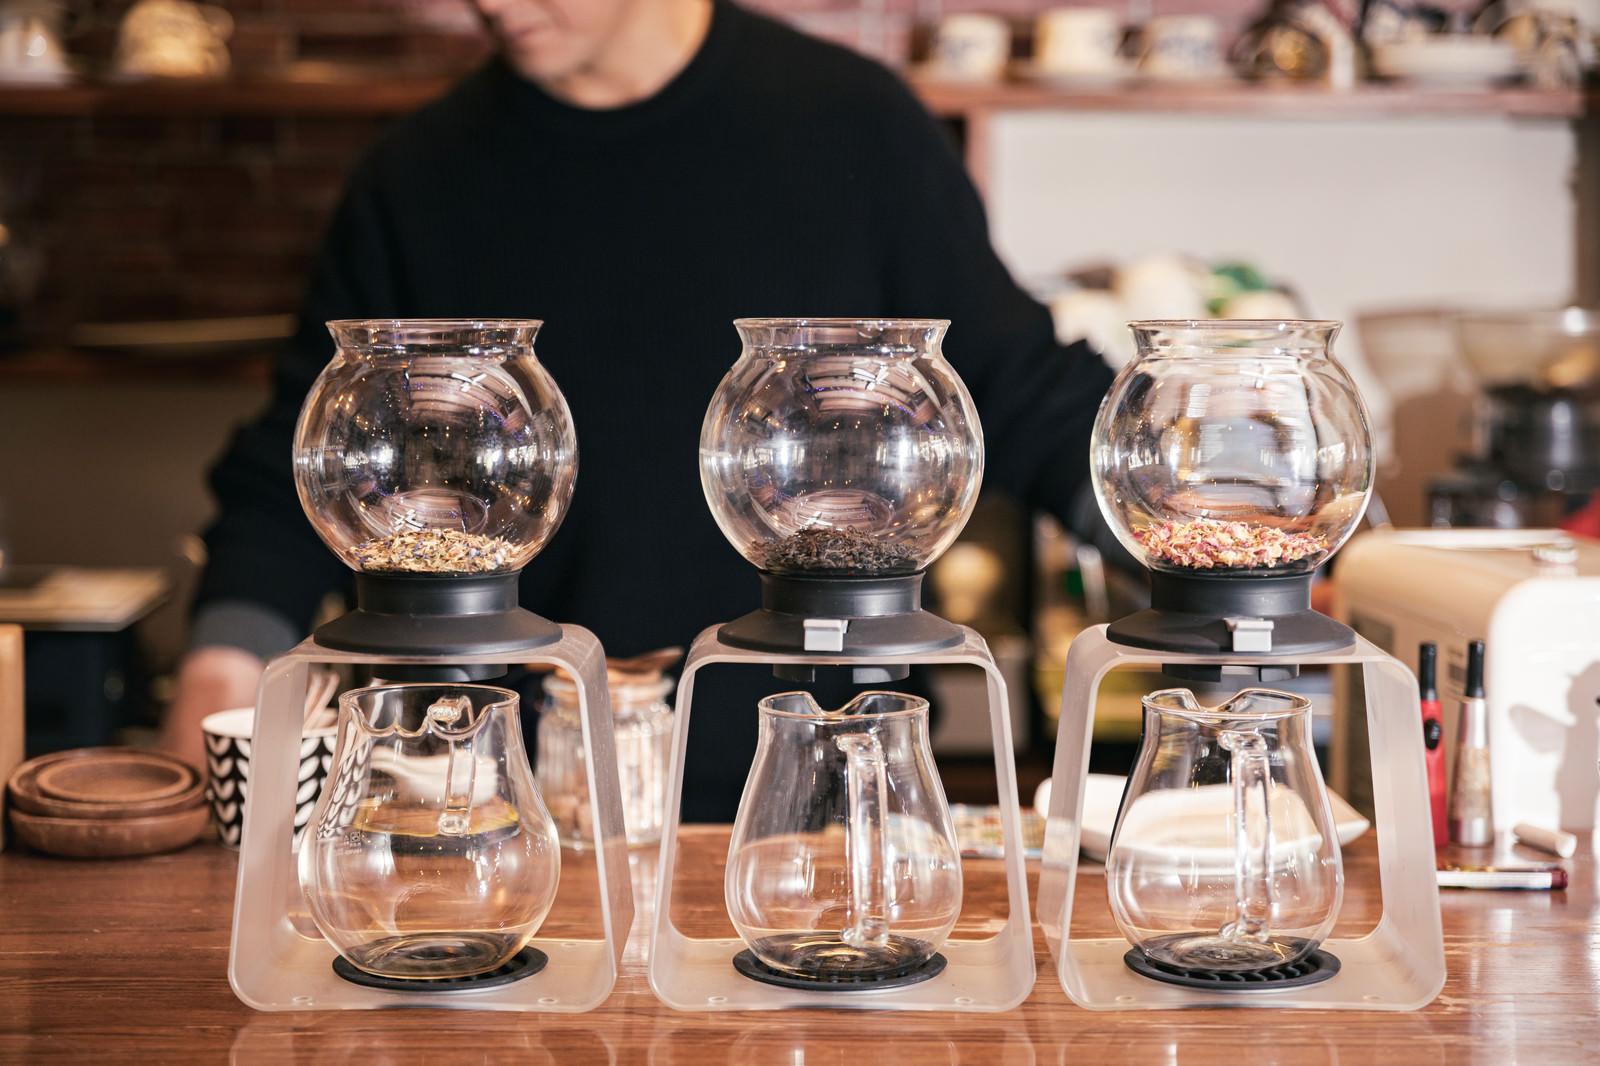 「ティードリッパーに入れられた三種の紅茶とハーブティー」の写真